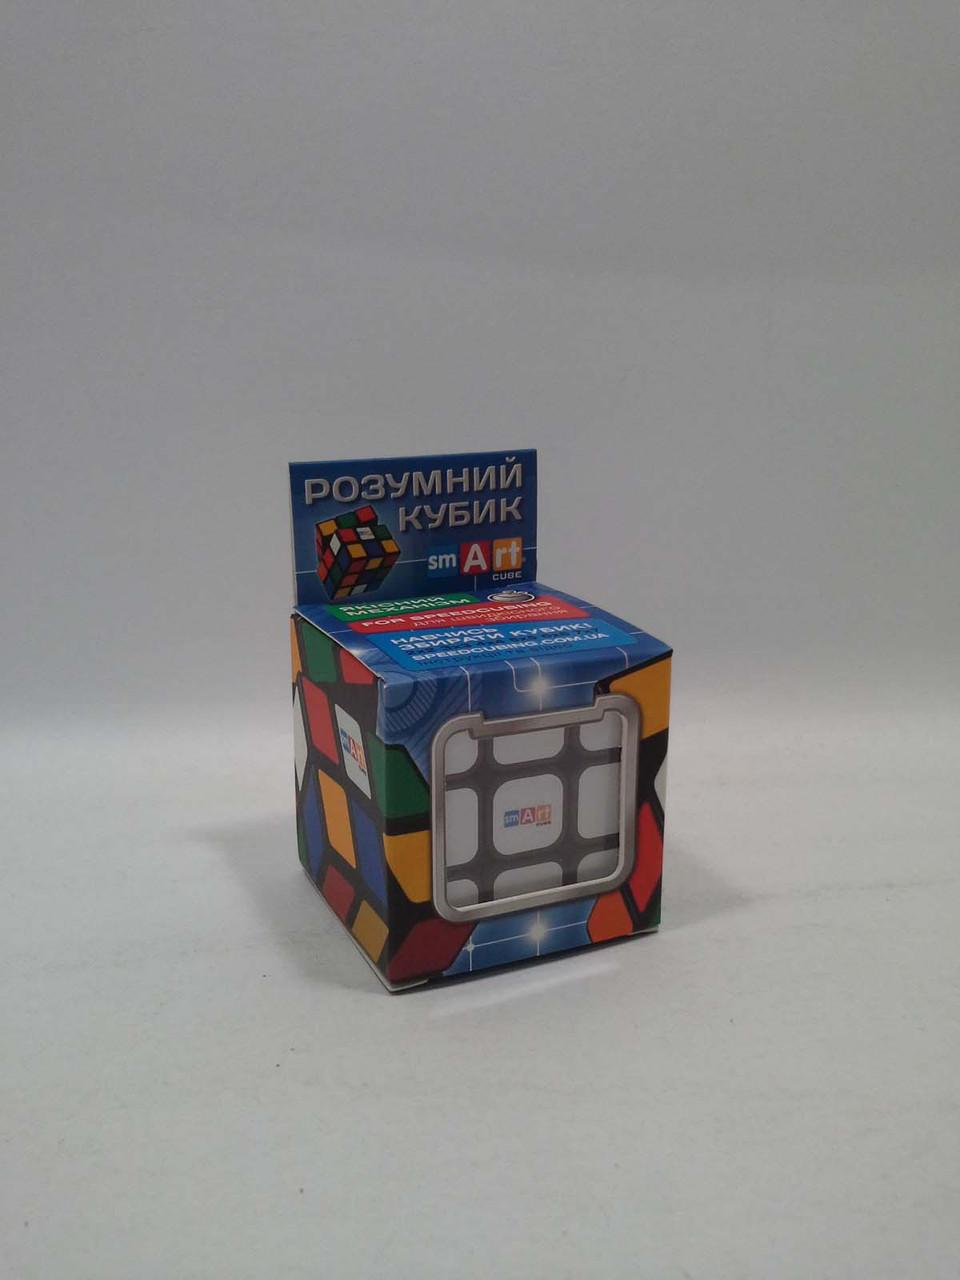 Игра Бюджетный Кубик Рубика 3х3 (черный). Smart Cube